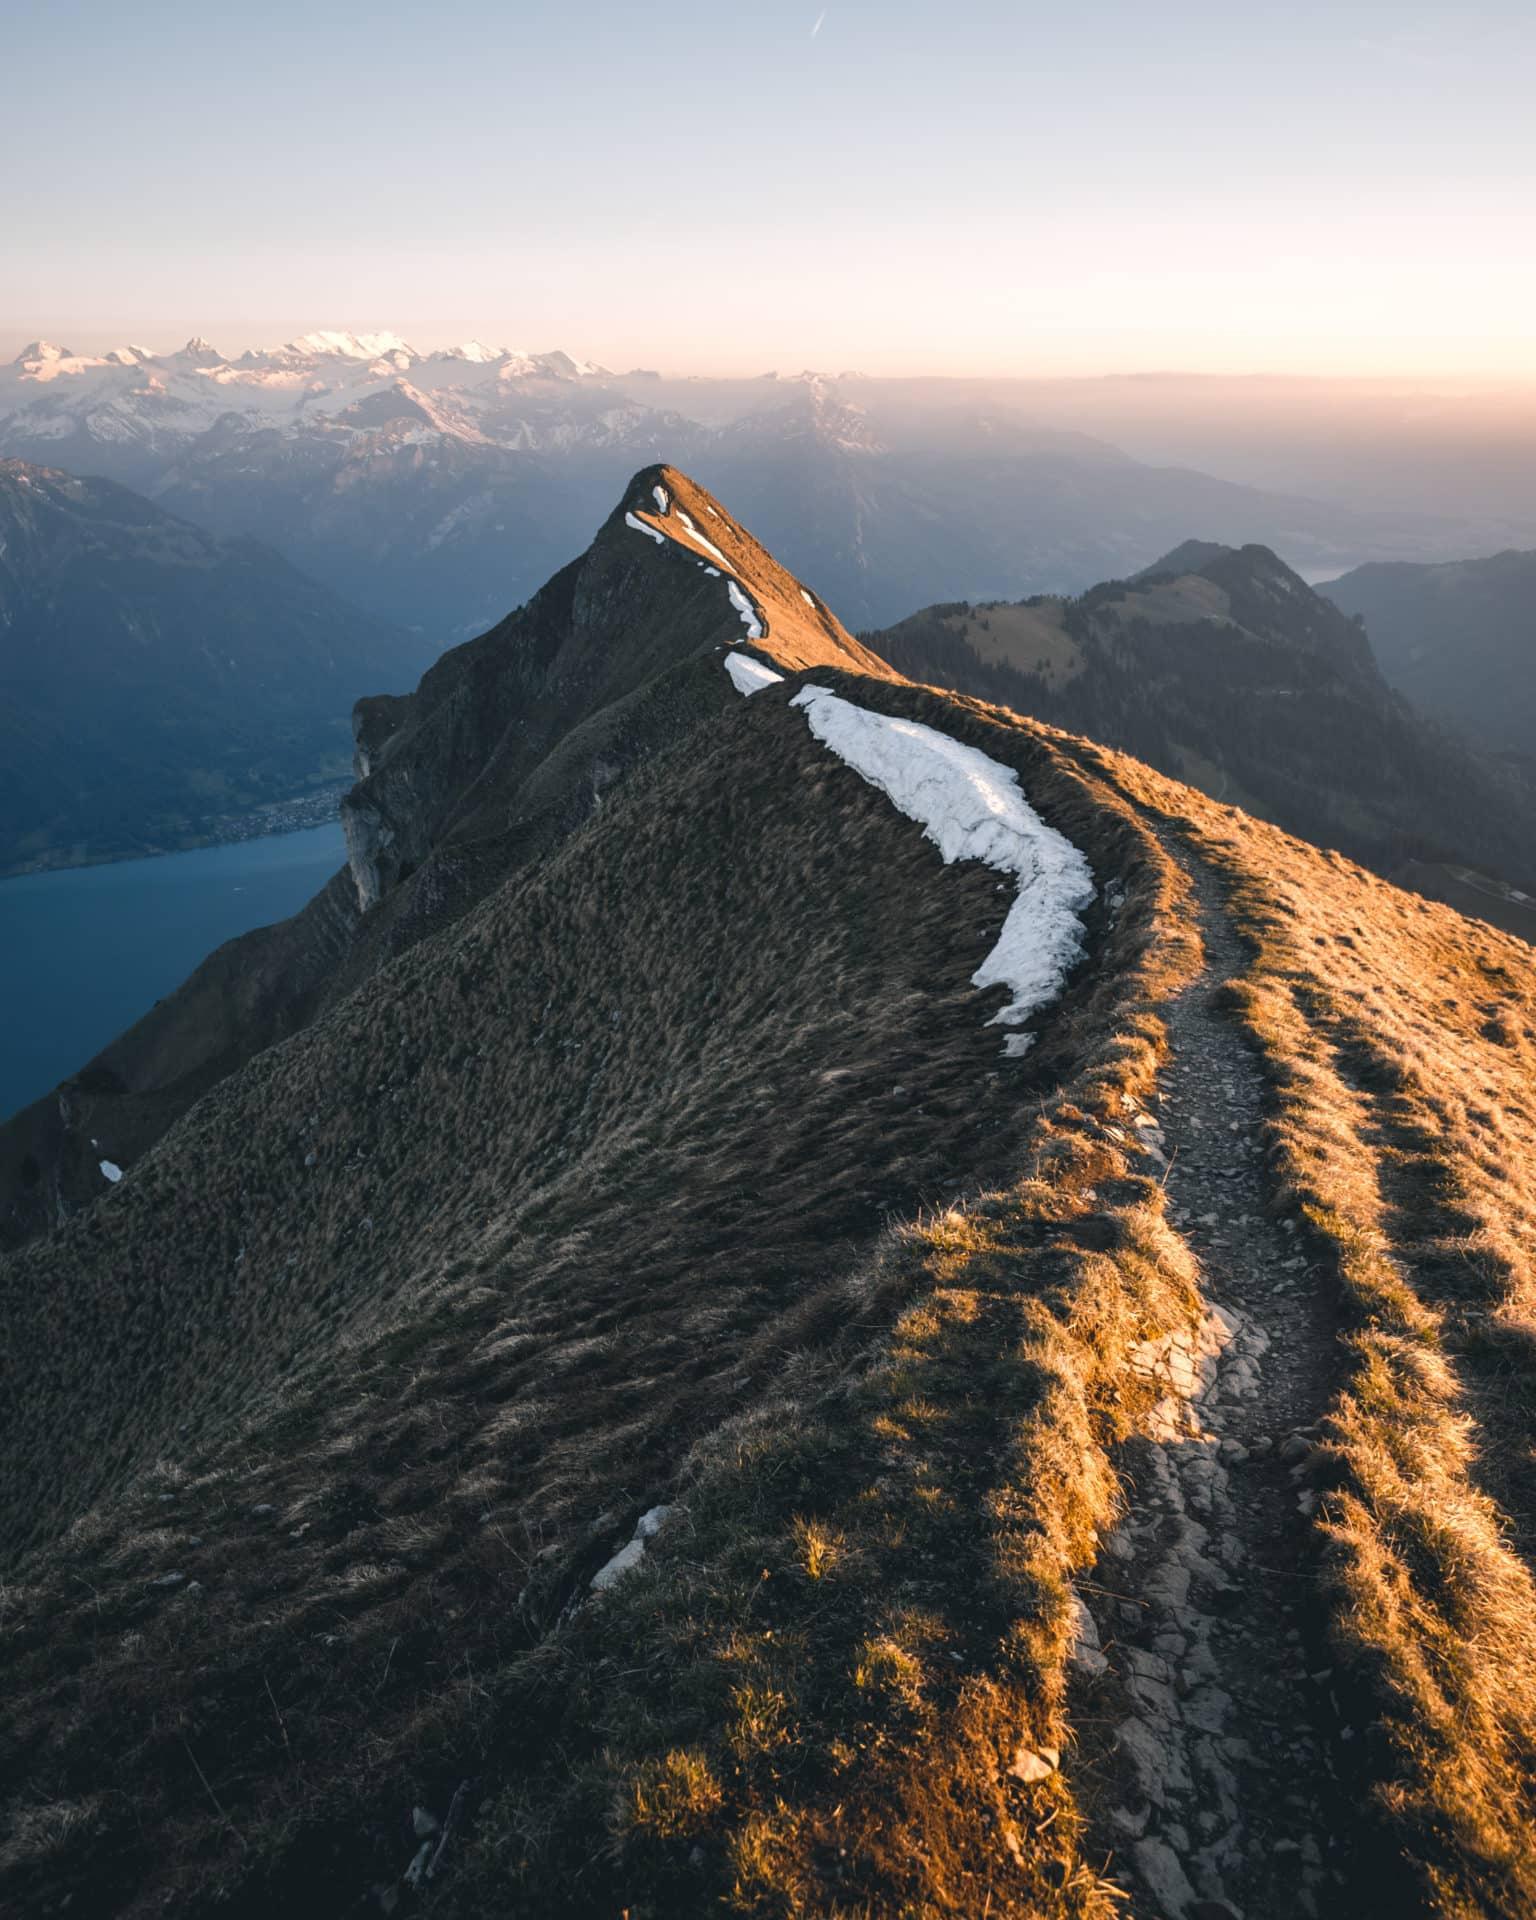 Augstmatthorn Brienzergrat Sonnenuntergang